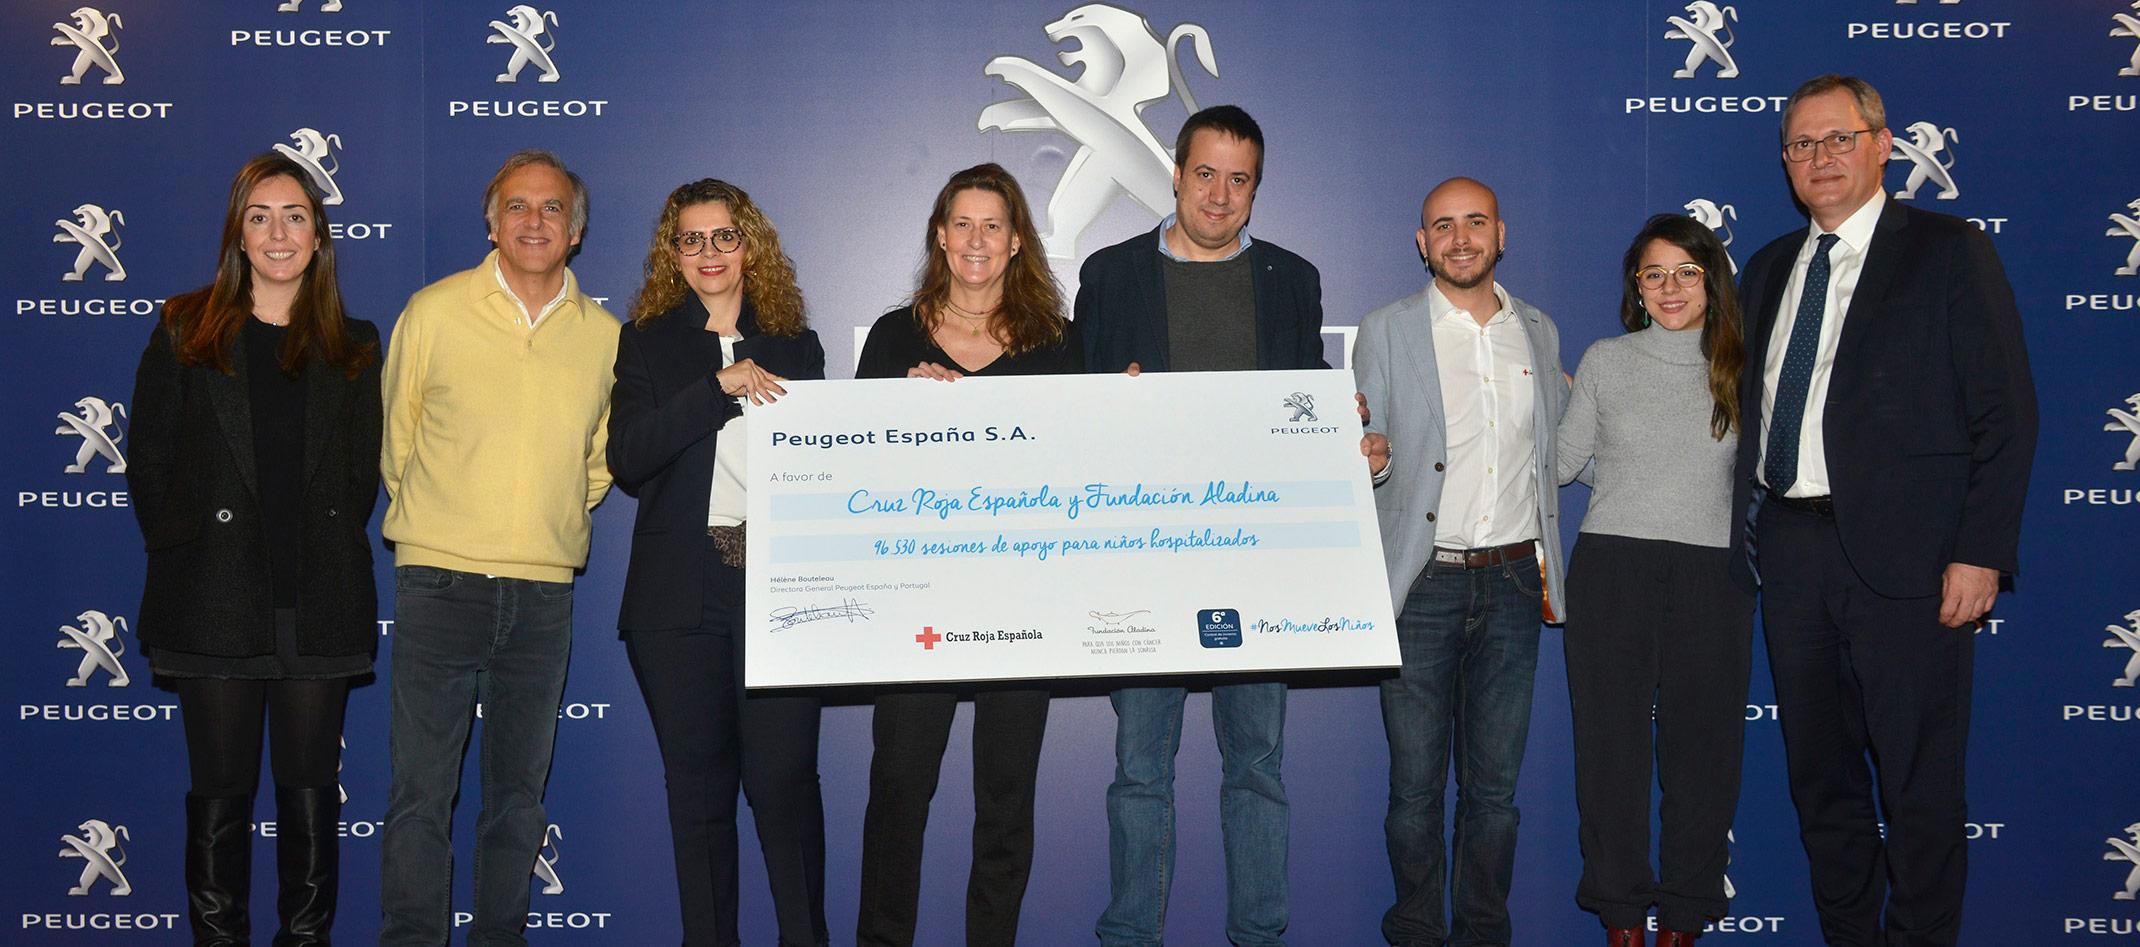 Peugeot con sus Revisiones solidarias ayuda a muchos niños